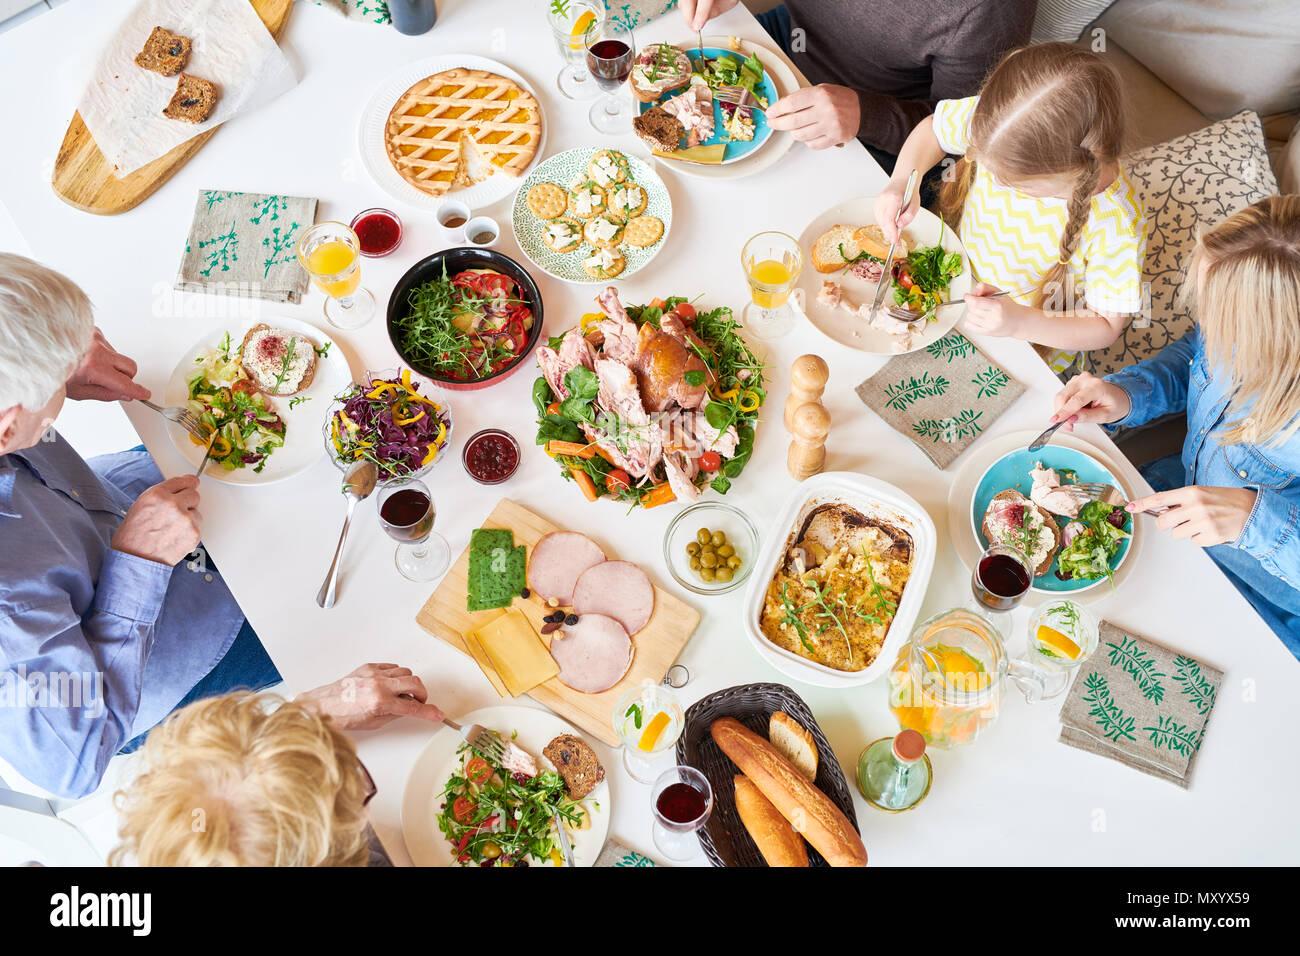 Directement au-dessus de la grande famille assis à table déguster une succulente cuisine cuisine maison pendant la célébration Photo Stock